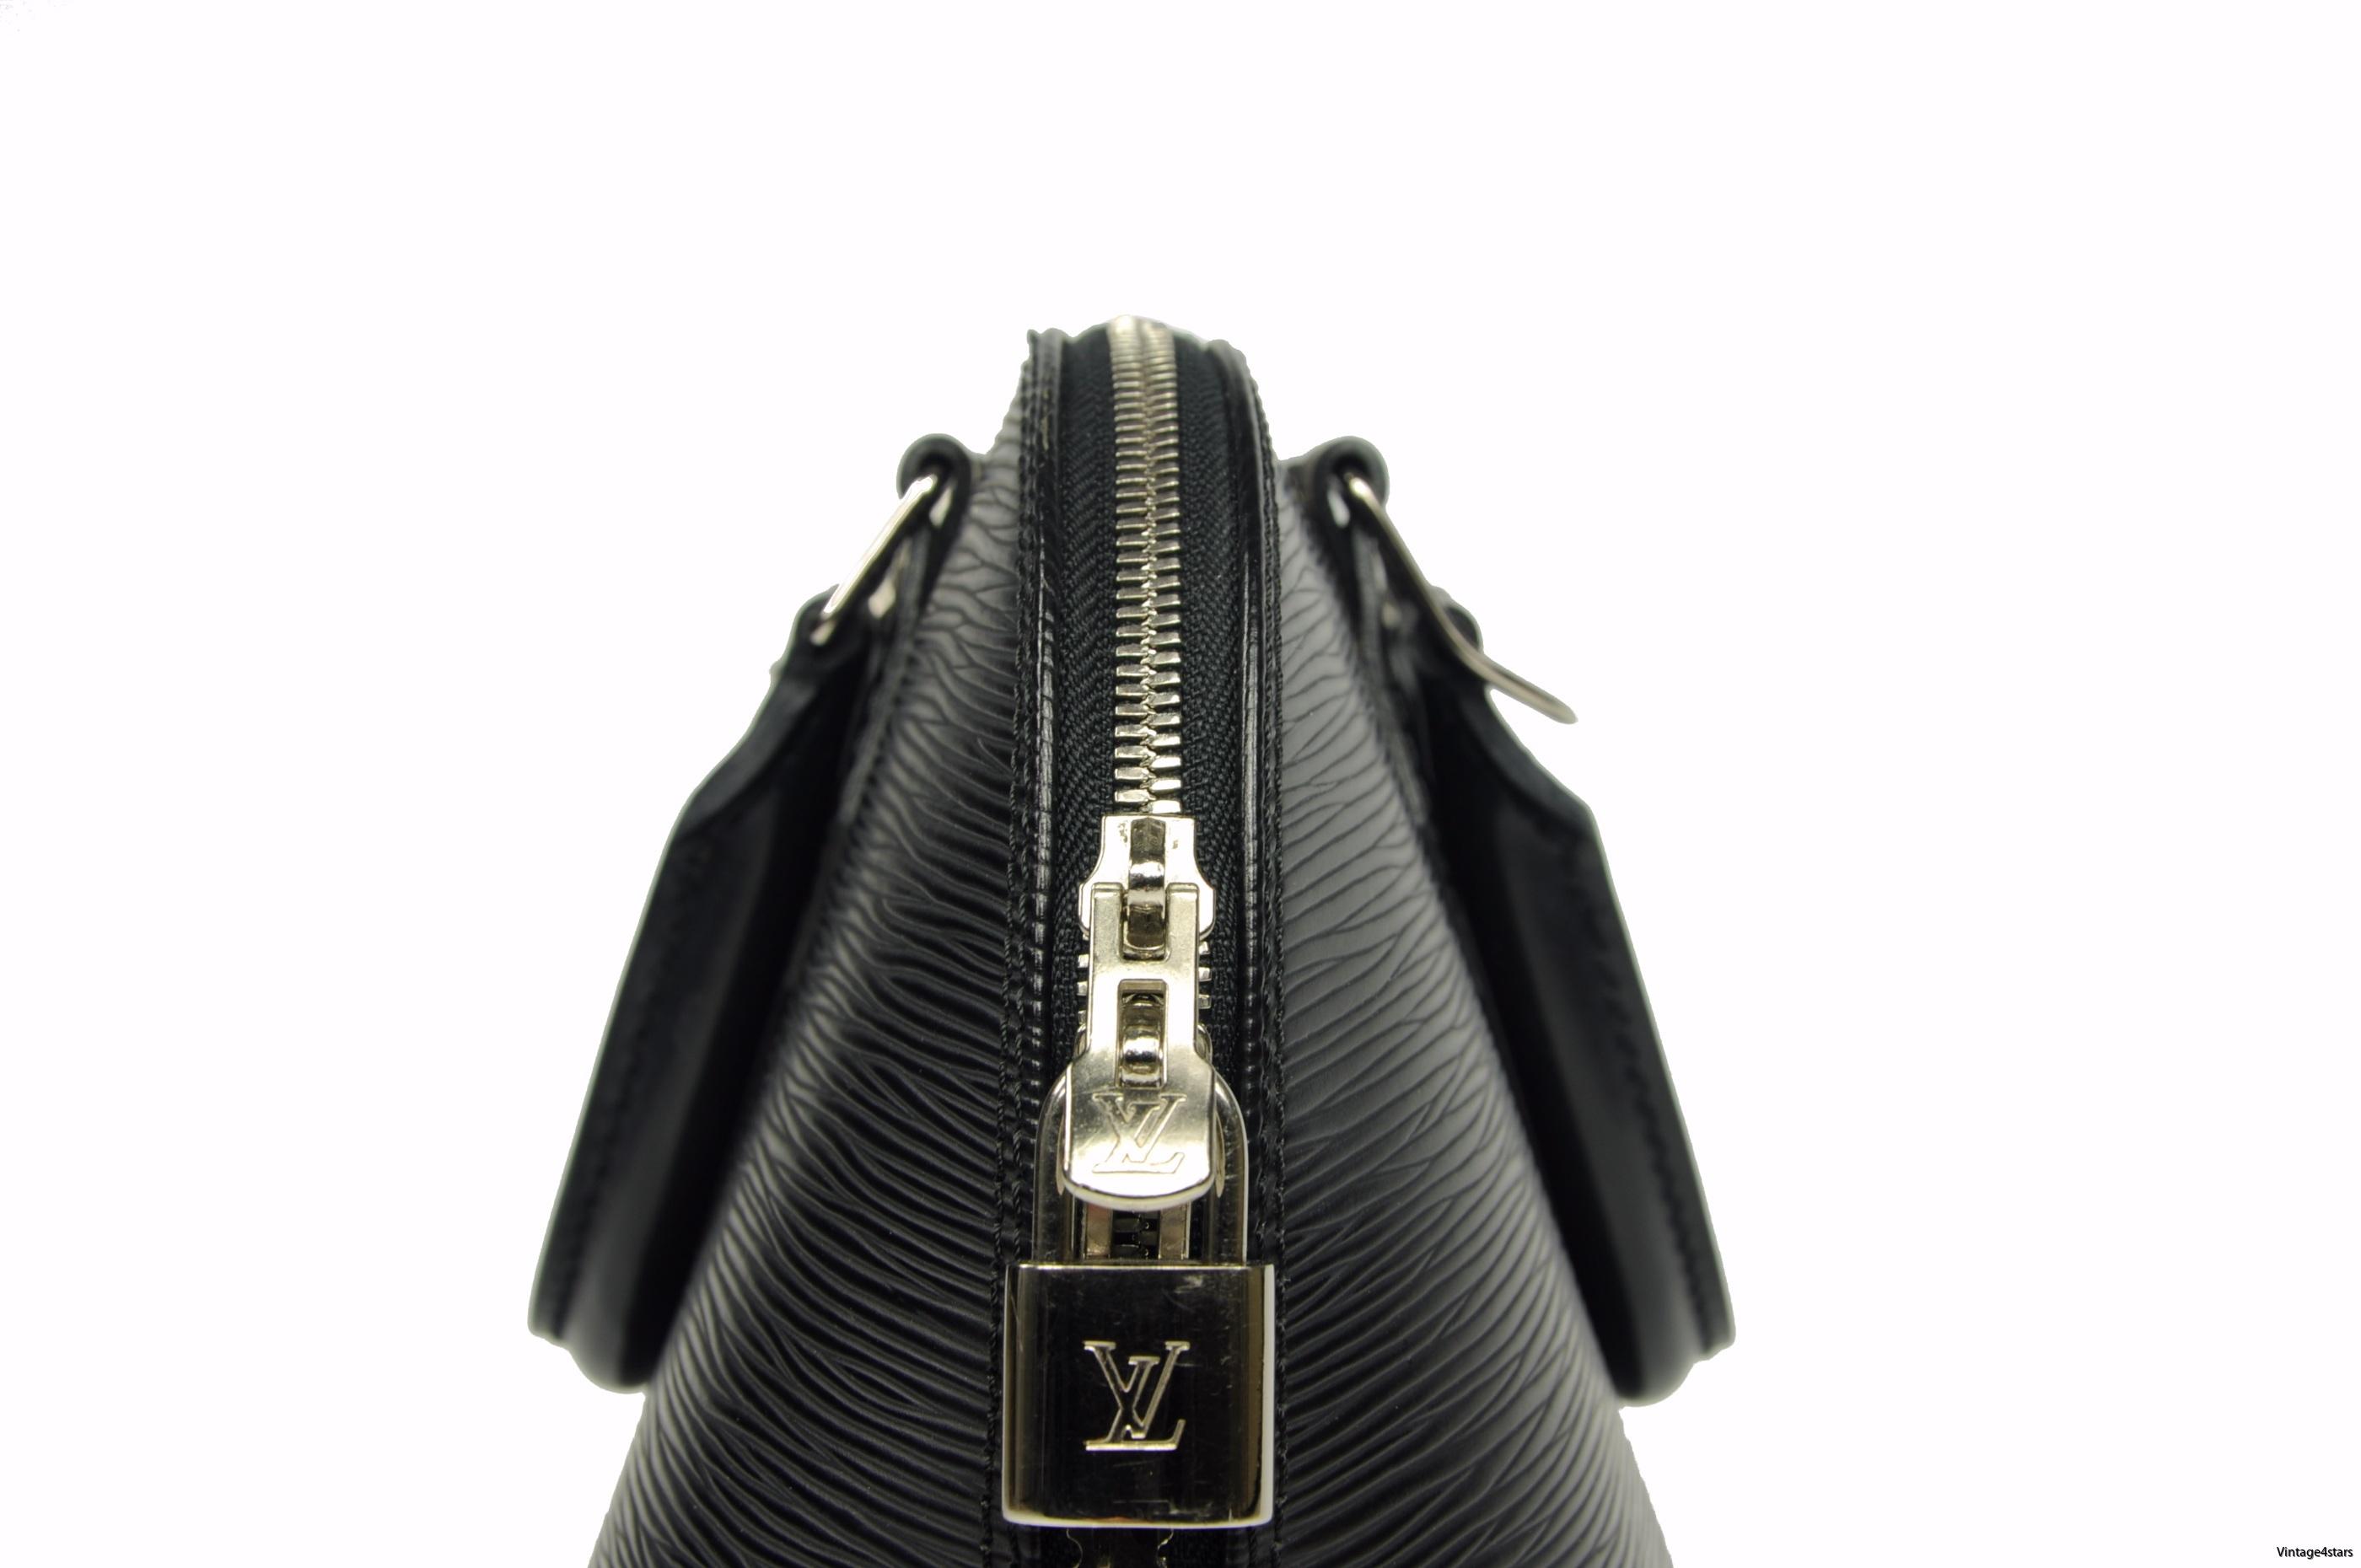 Louis Vuitton Alma PM SHW 7